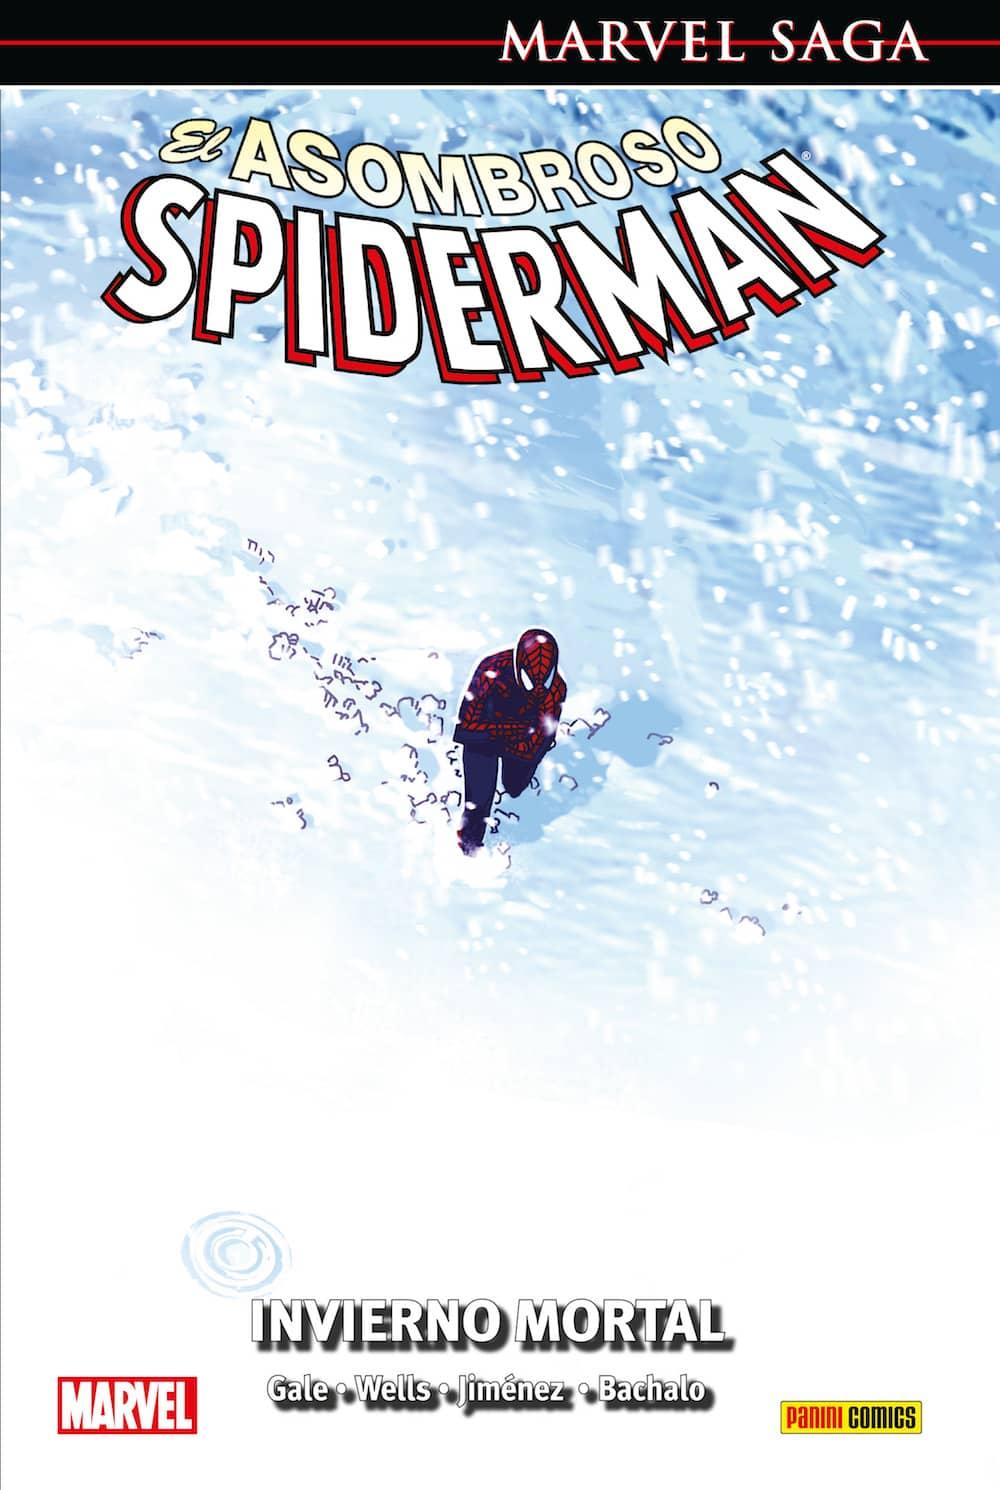 EL ASOMBROSO SPIDERMAN 15. INVIERNO MORTAL (MARVEL SAGA 35)